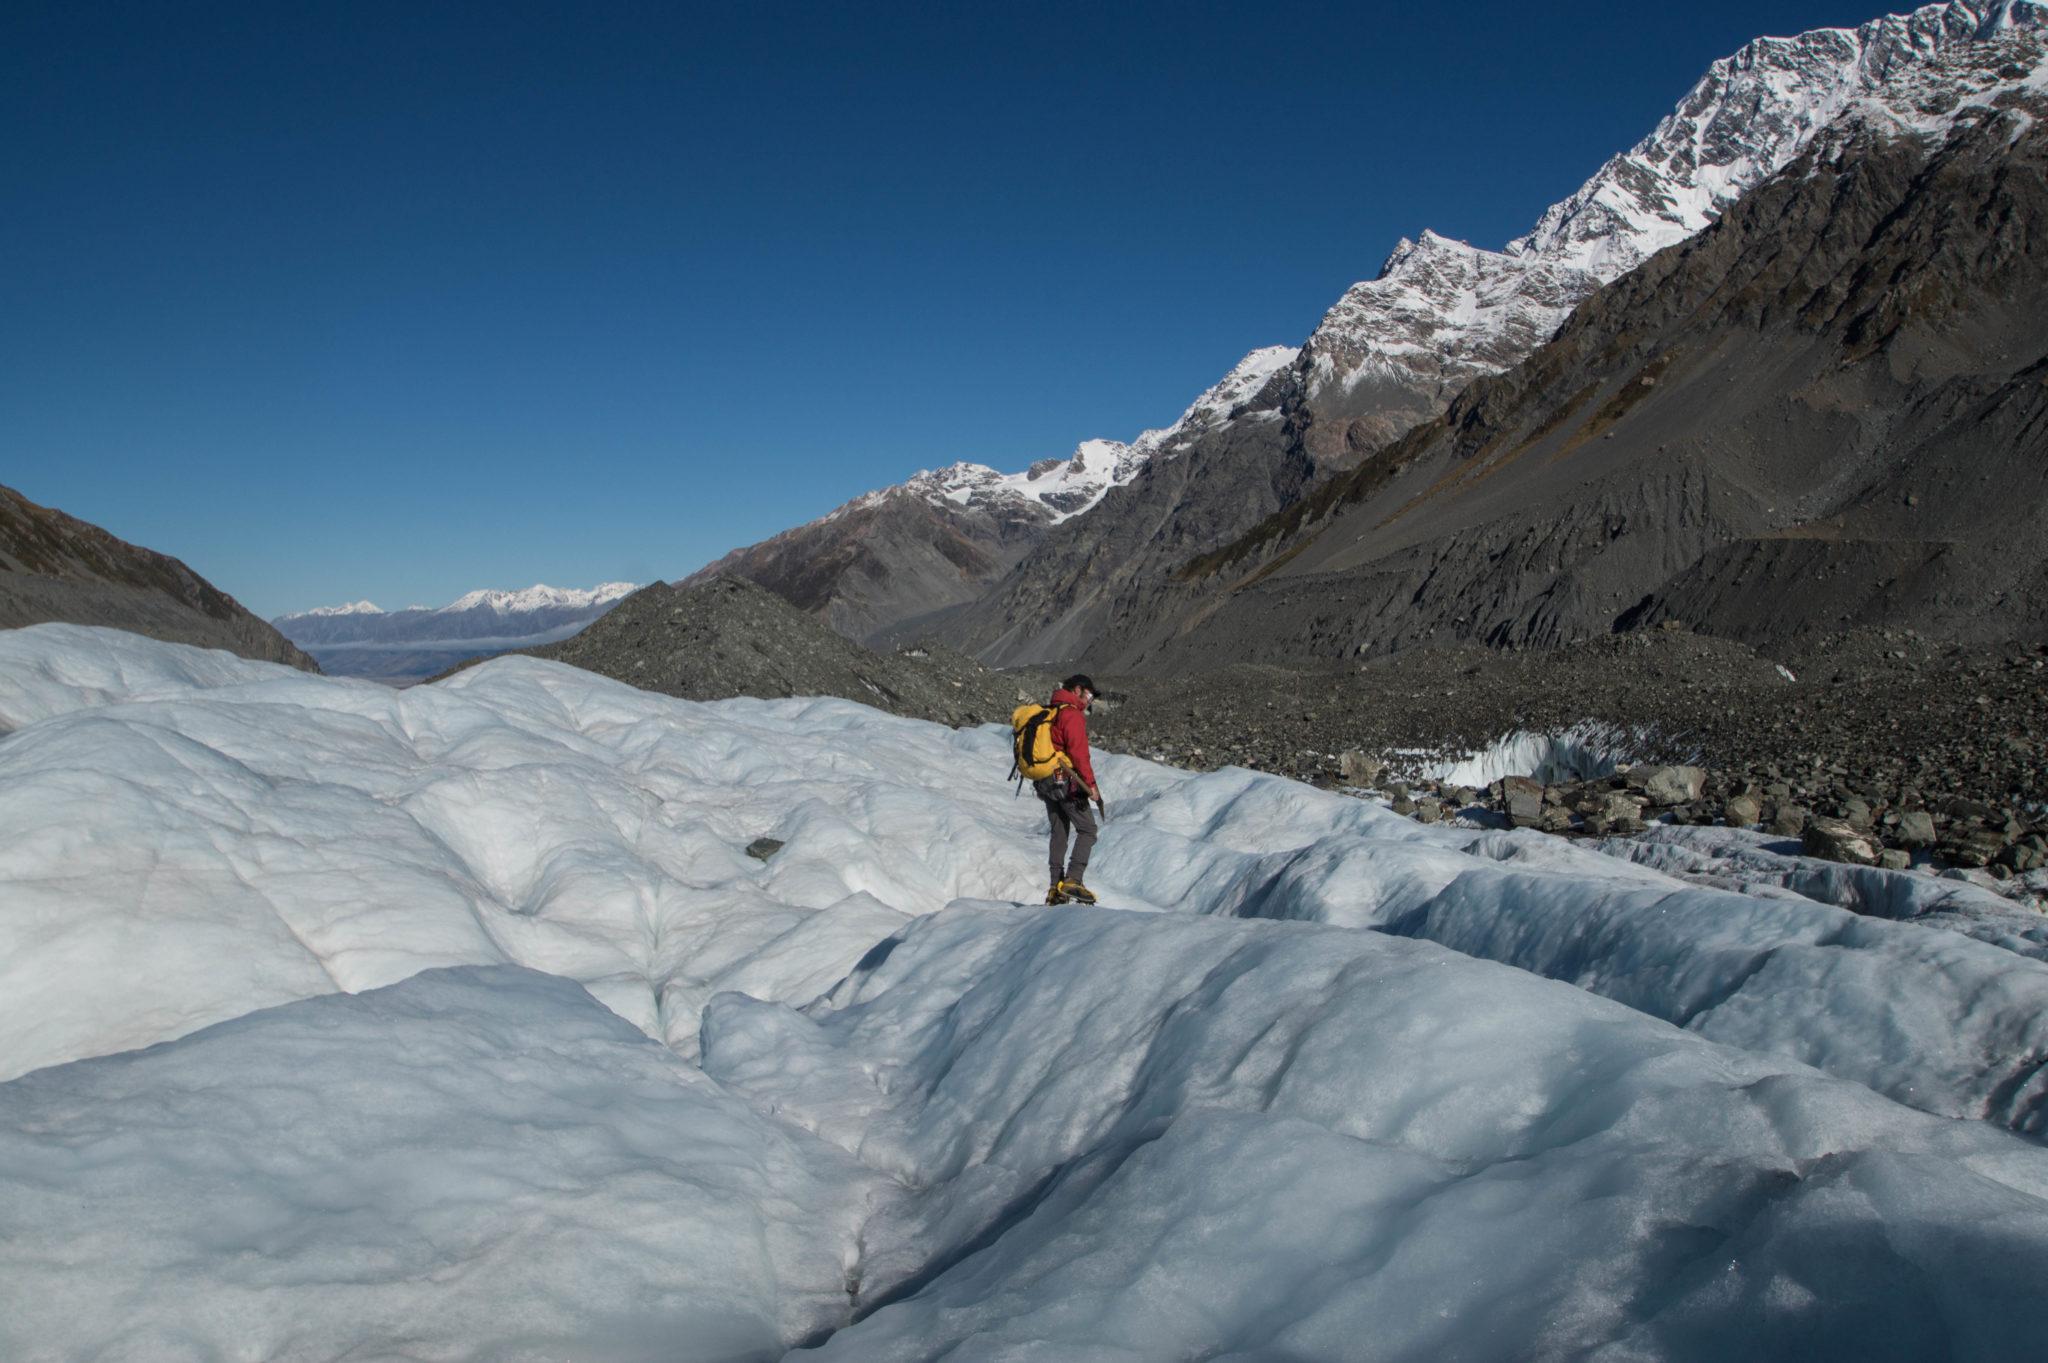 Gletscherwanderung auf dem Mount Cook in Neuseeland